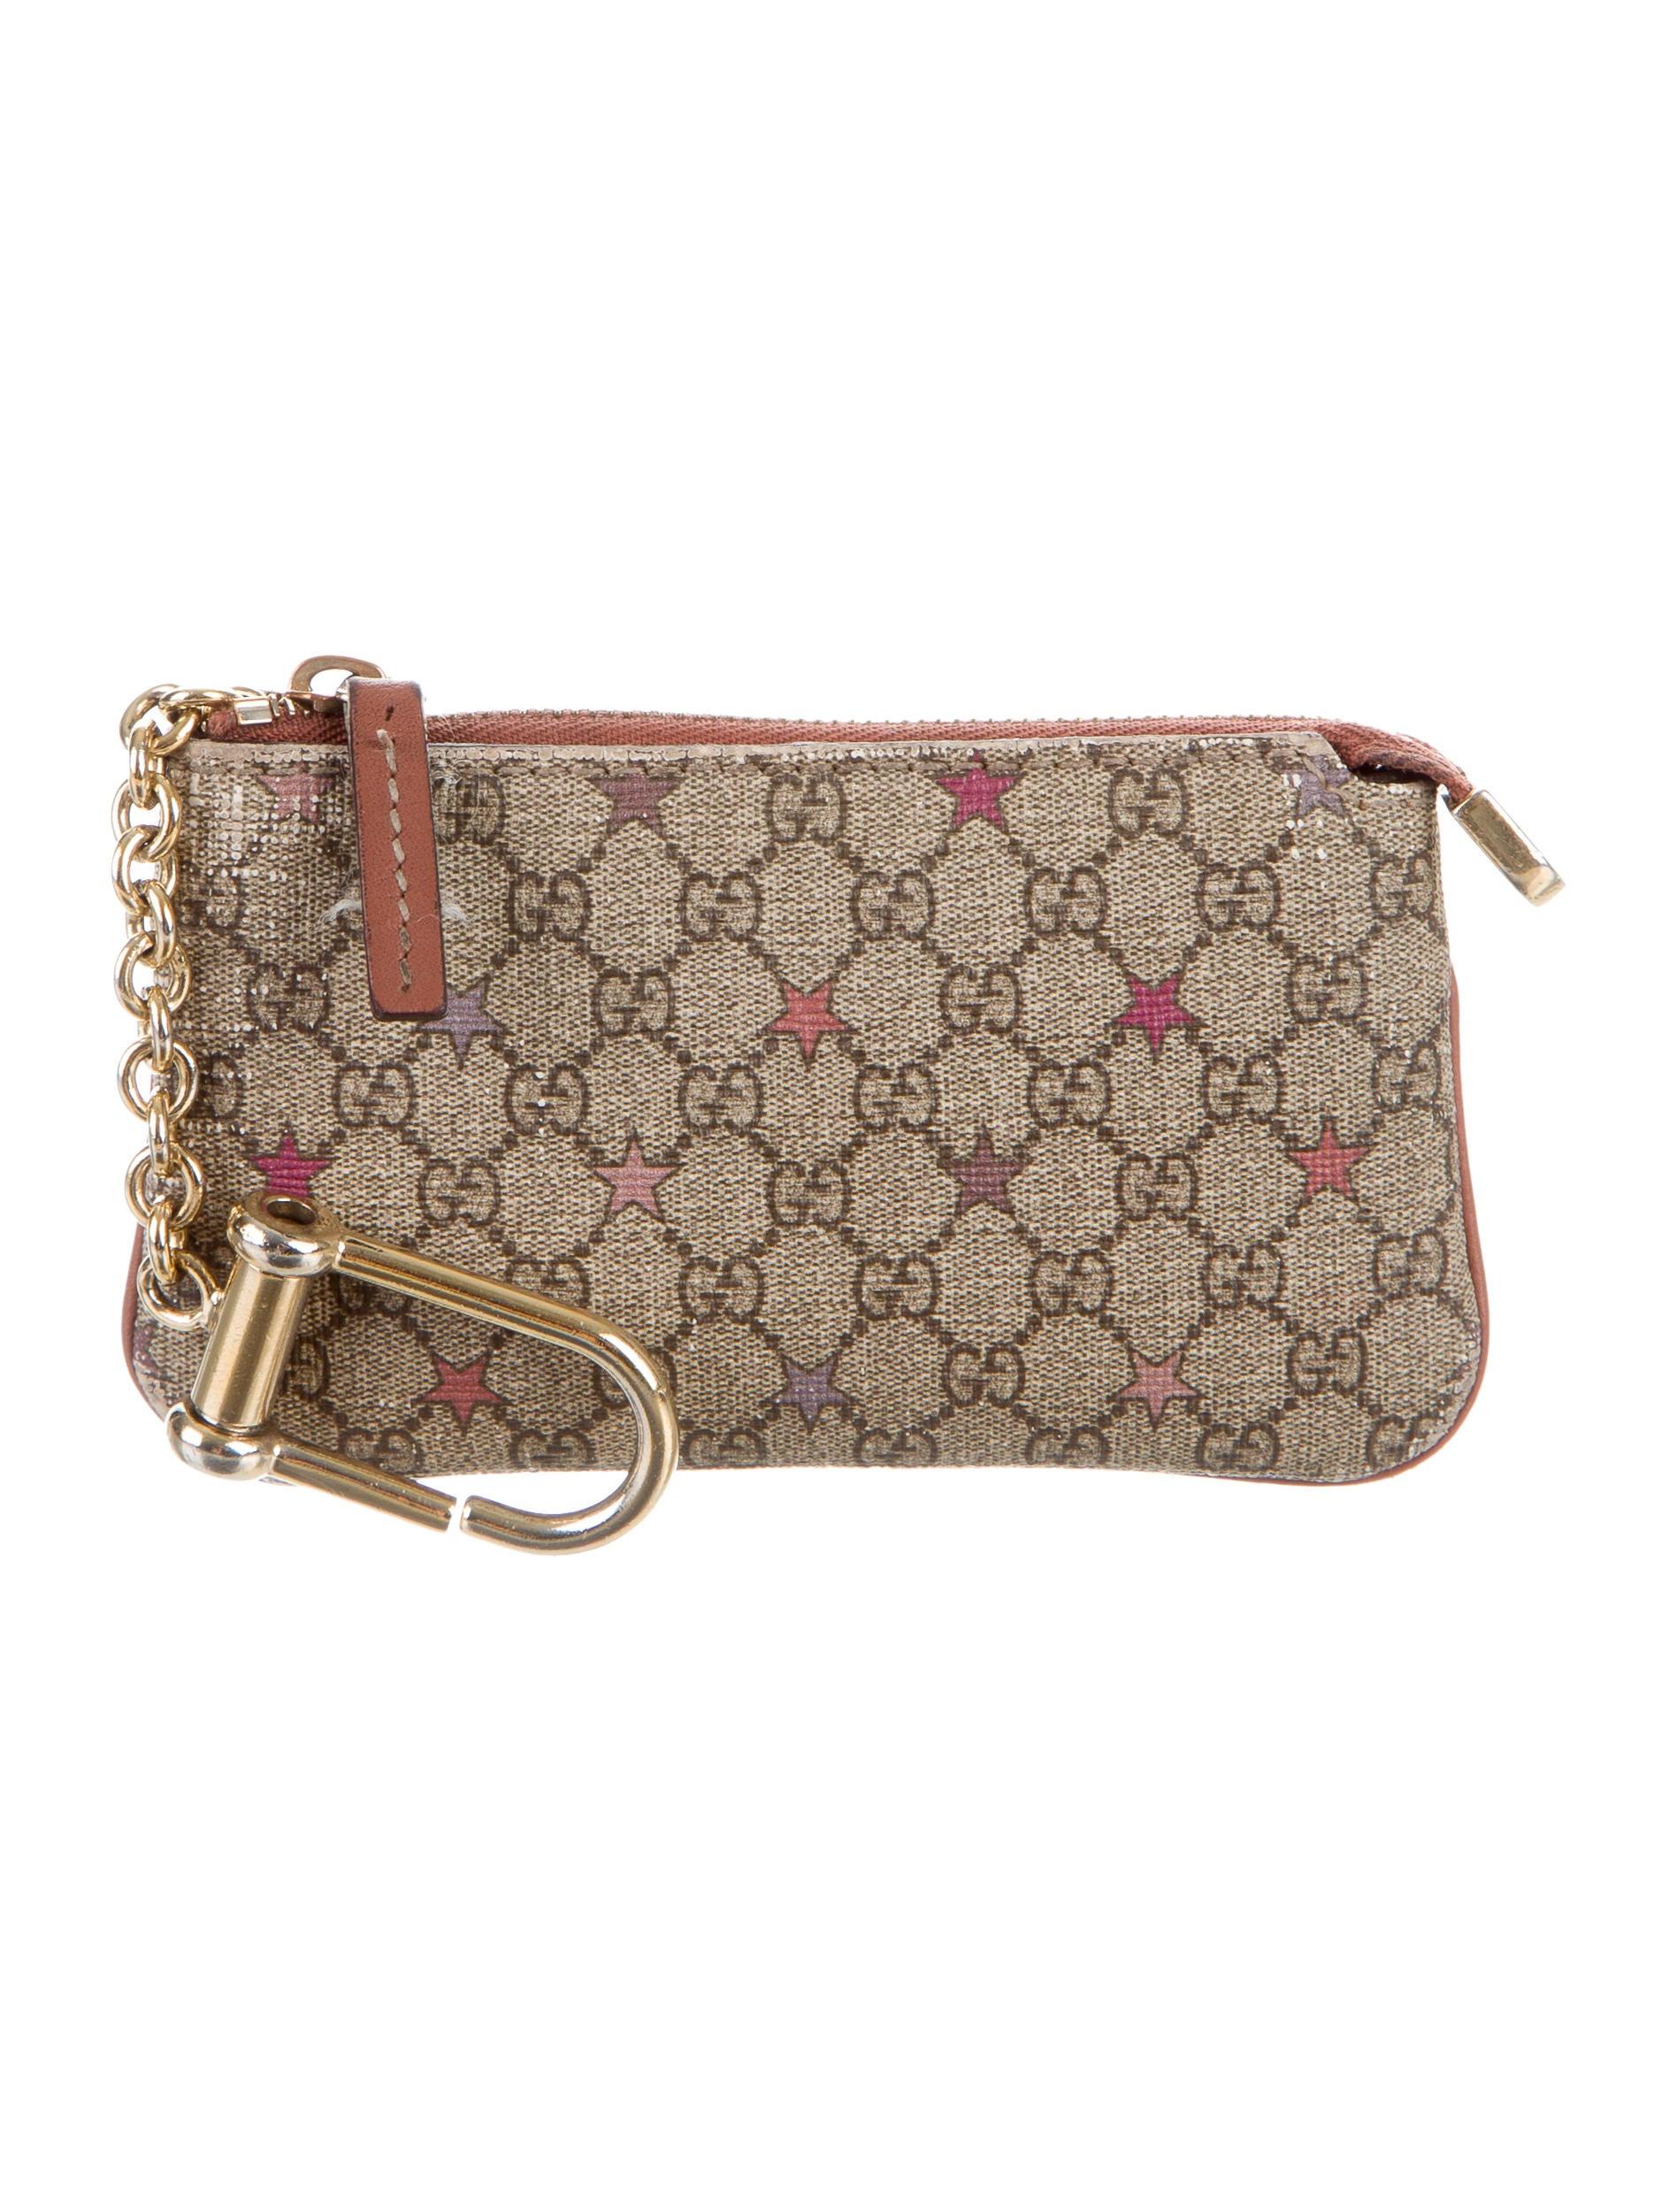 dc93105b123 Gucci GG Supreme Stars Key Pouch - Accessories - GUC138310   The ...